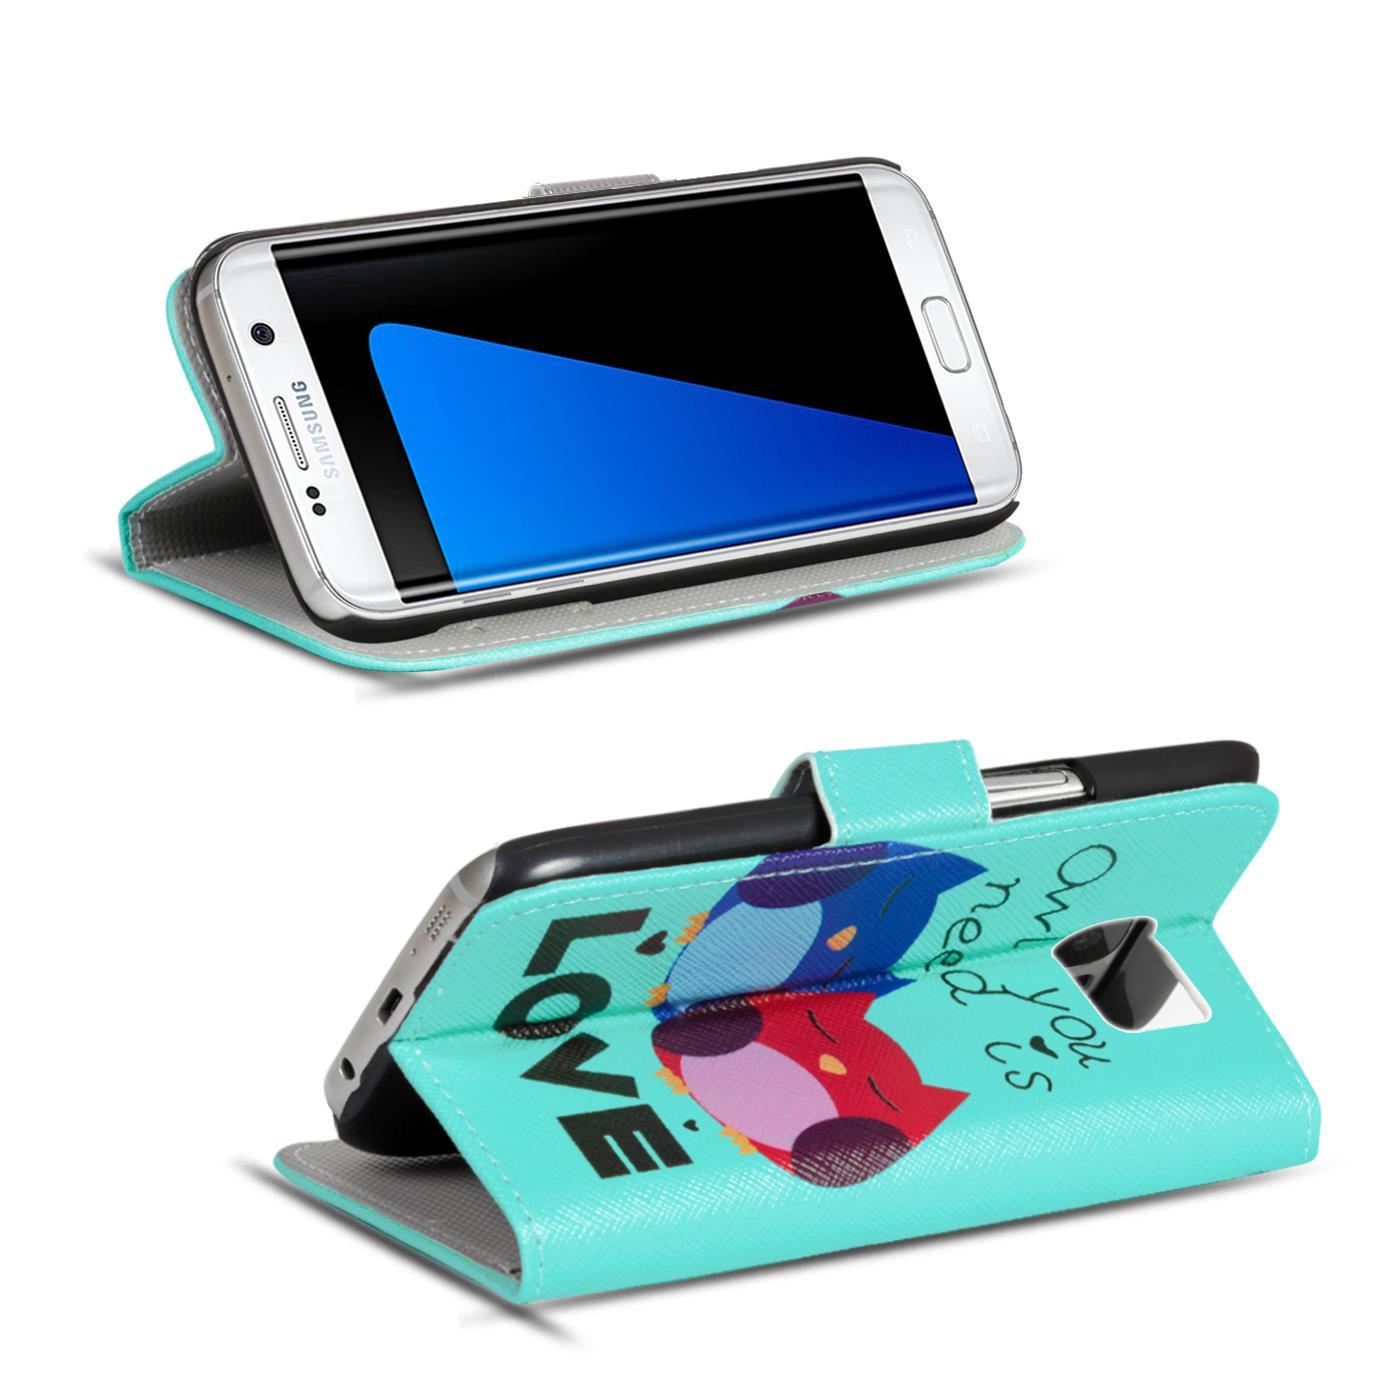 Schutz-Huelle-fuer-Samsung-Galaxy-Handy-Tasche-Flip-Cover-Wallet-Etui-Case-Schale Indexbild 41